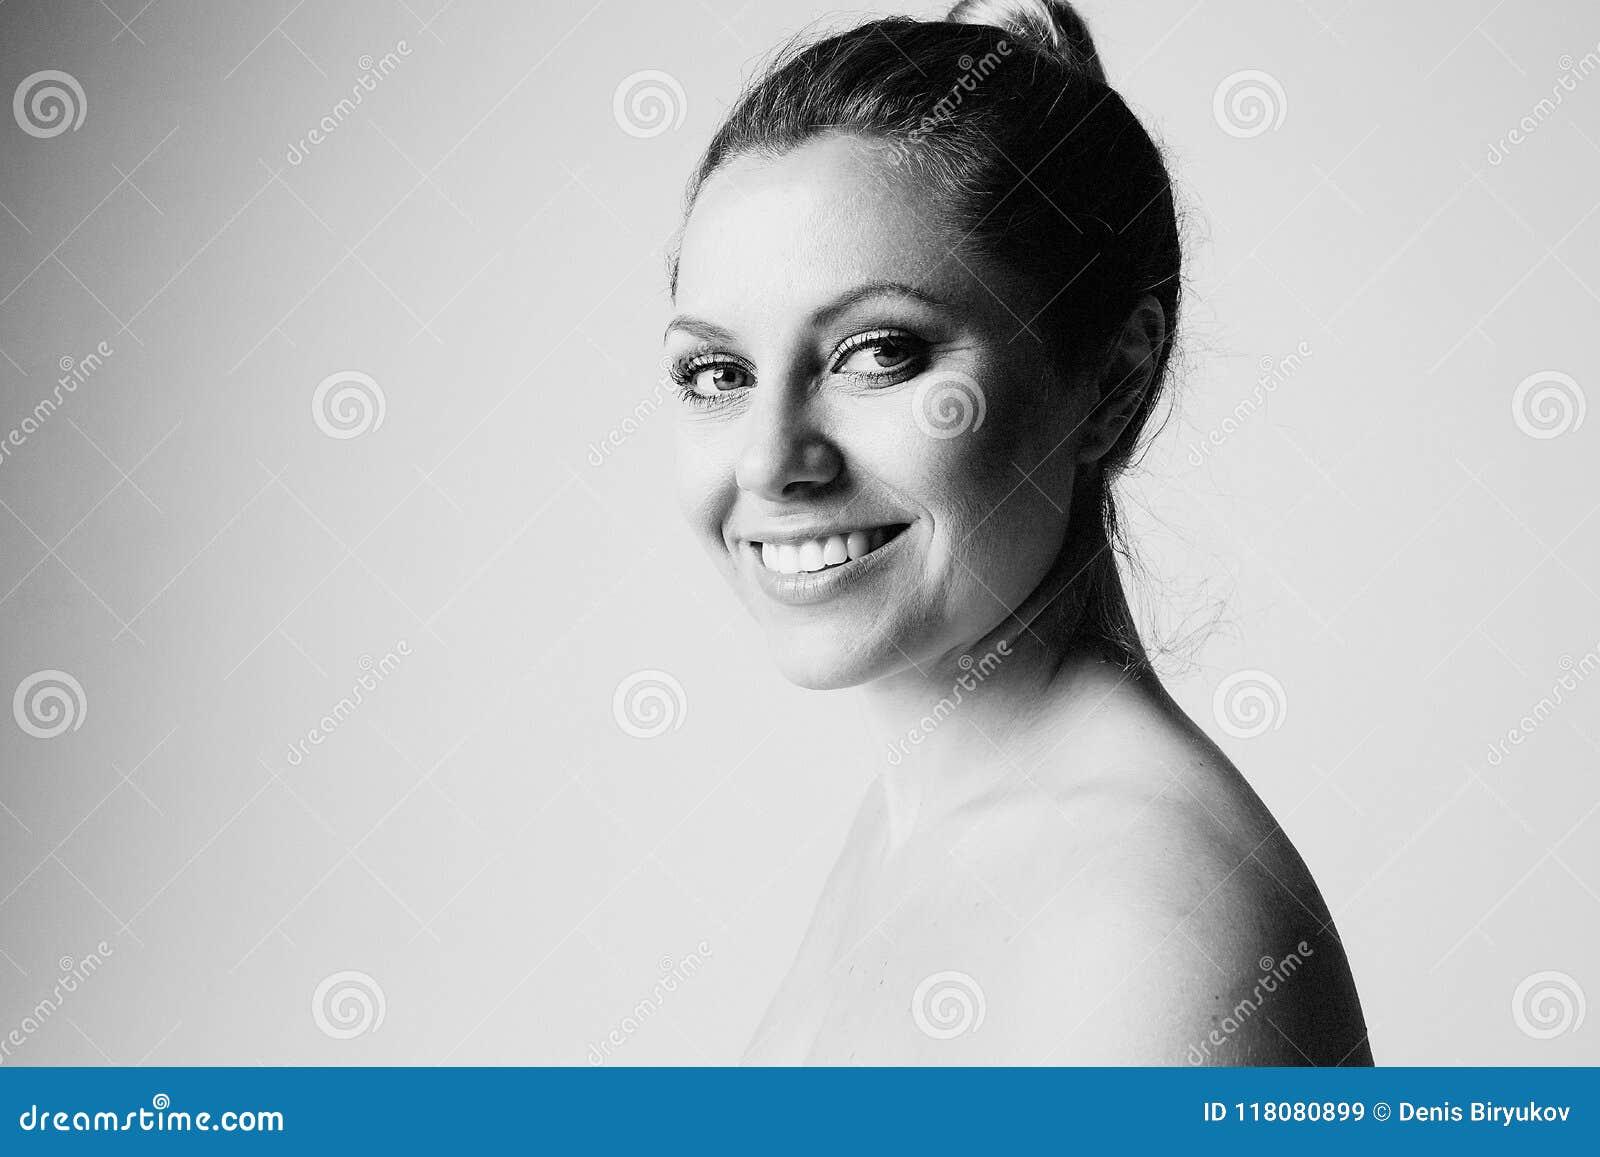 Härlig kvinna med ren hud, naturligt smink och vita tänder på grå studiobakgrund Medicinsk och kosmetisk ansiktsbehandling